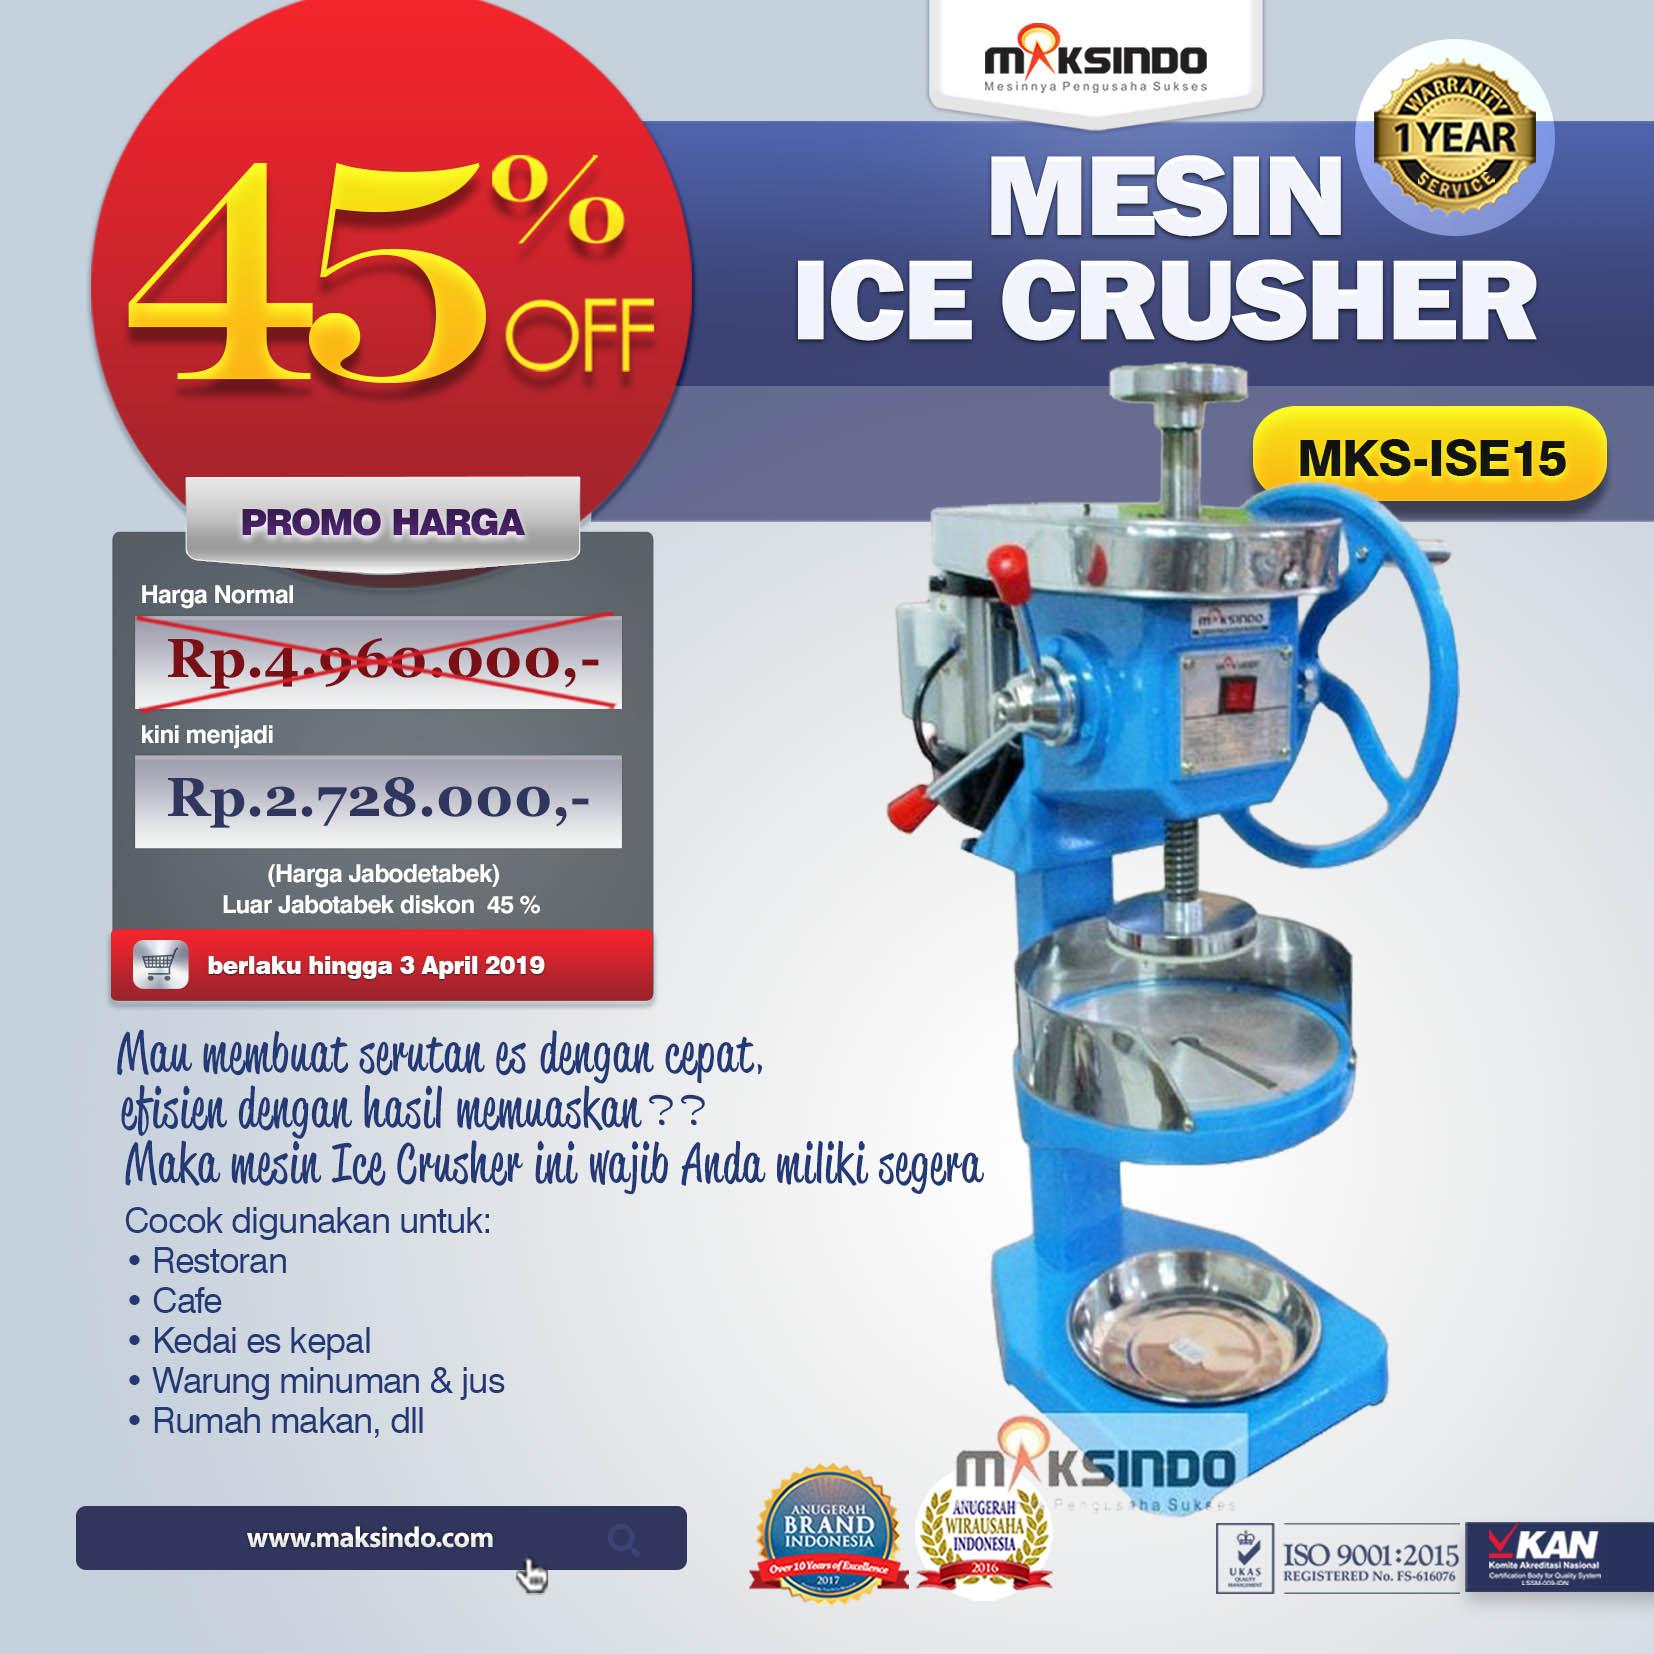 Jual Mesin Ice Crusher MKS-ISE15 di Palembang